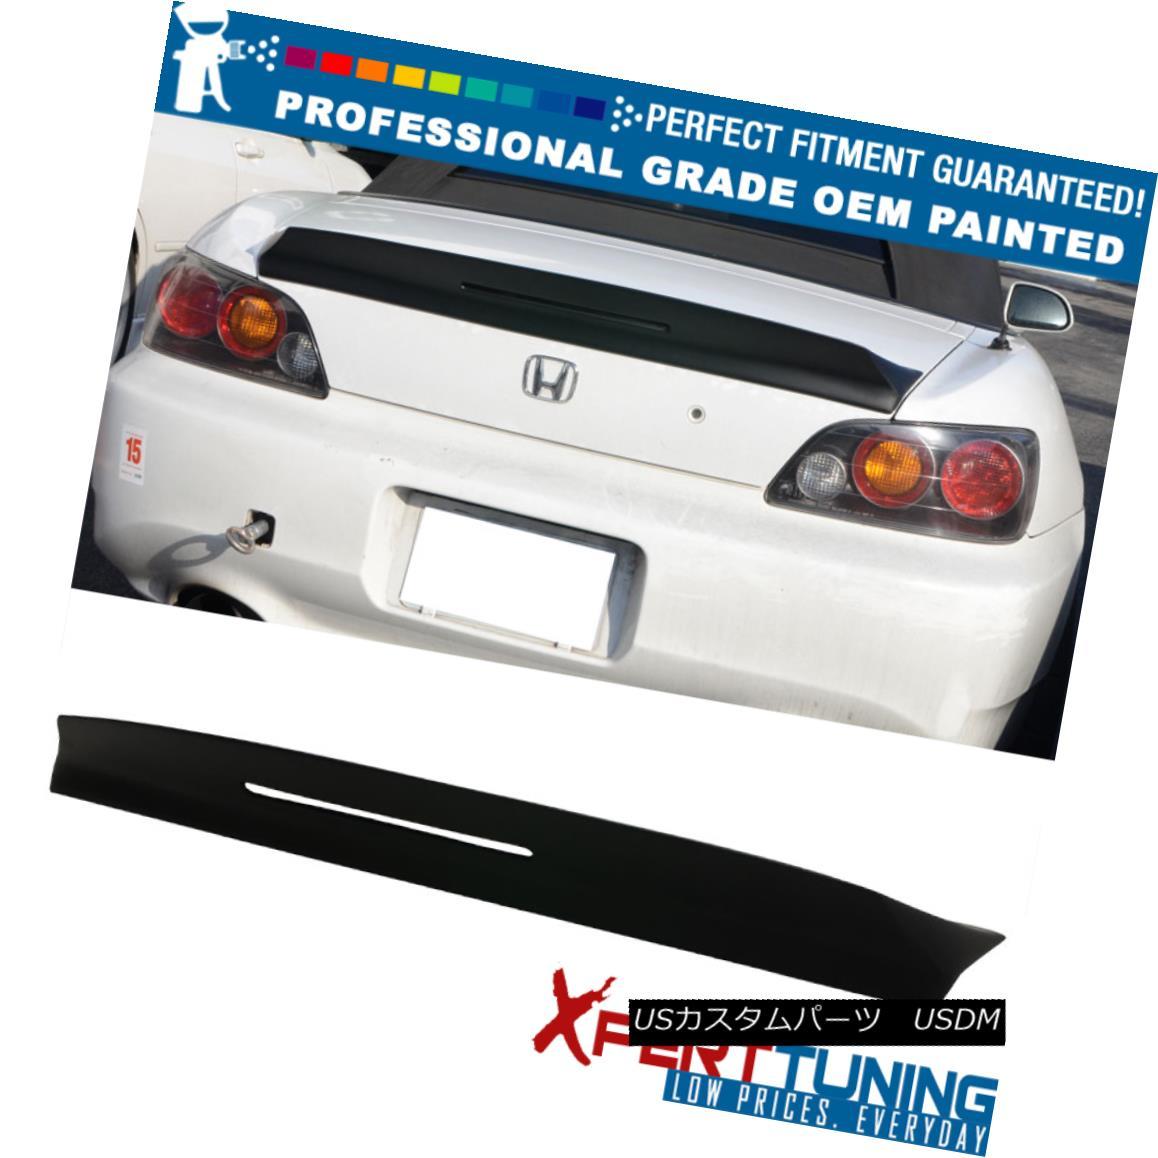 エアロパーツ 00-09 Honda S2000 AP1 AP2 TM Style Painted Trunk Spoiler - OEM Painted Color 00-09ホンダS2000 AP1 AP2 TMスタイル塗装トランクスポイラー - OEM塗装カラー